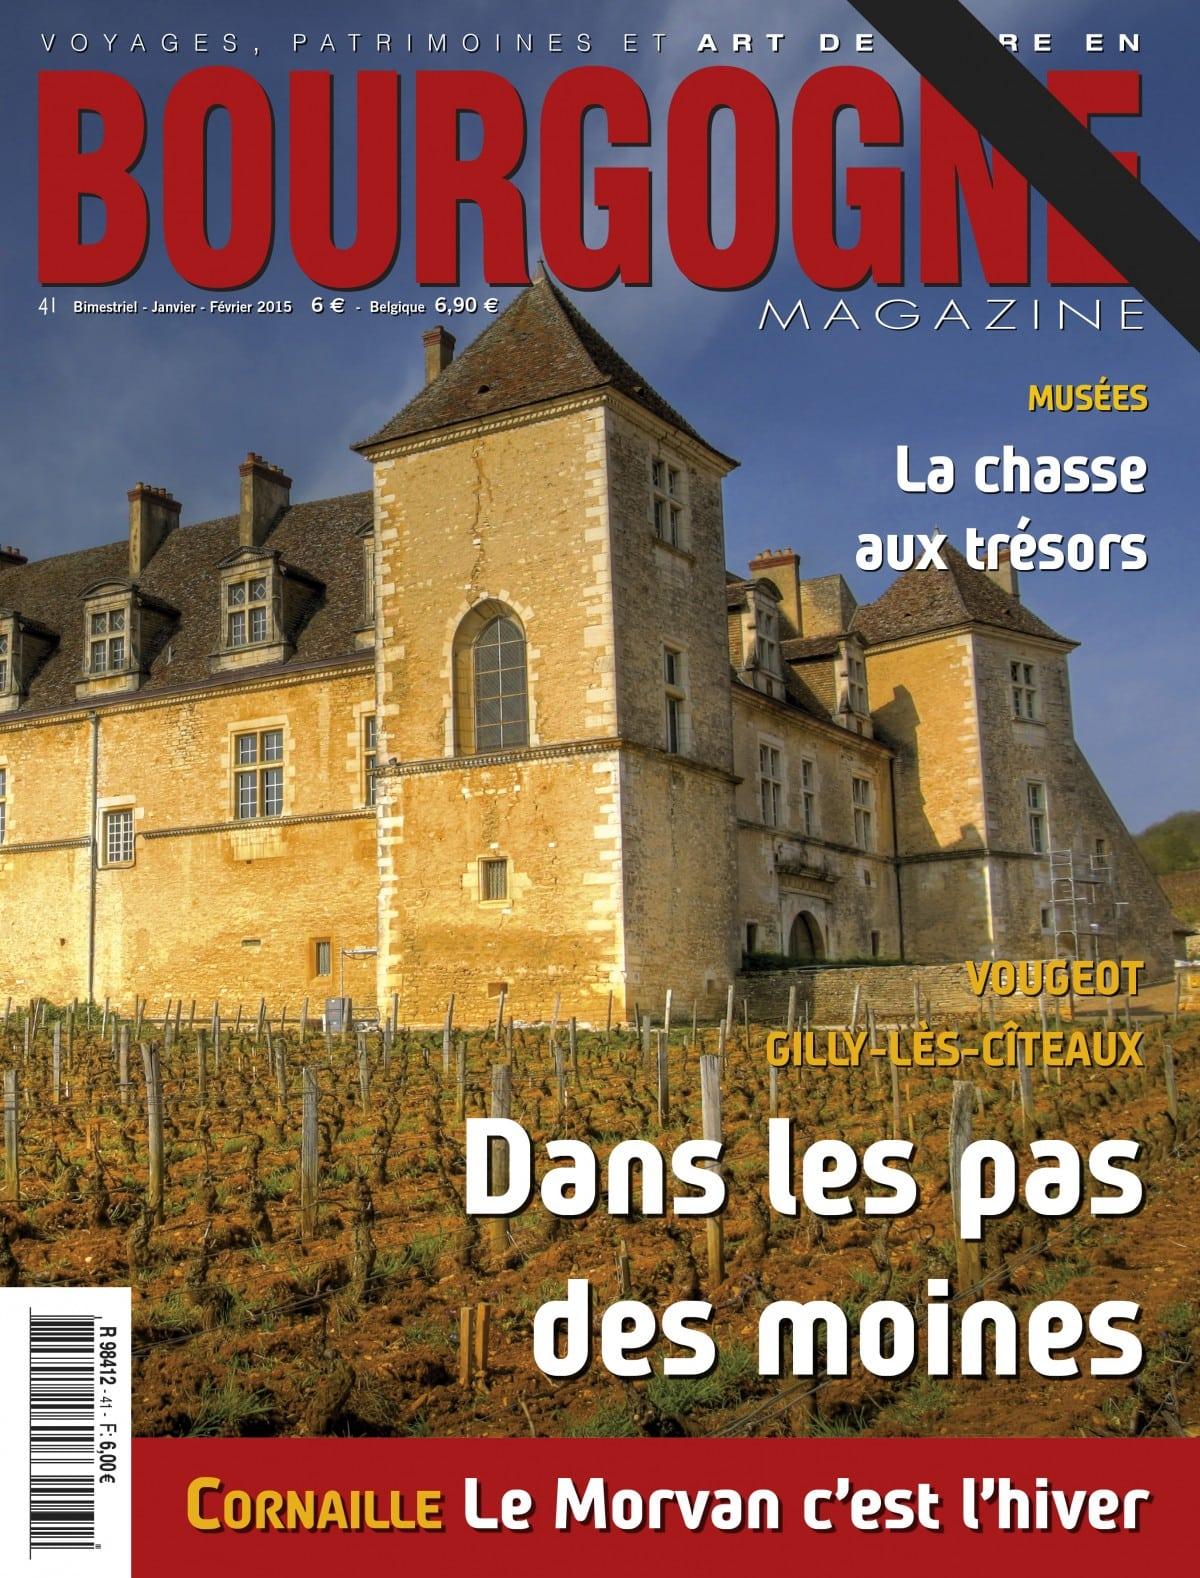 Bourgogne Magazine prie Saint-Vincent